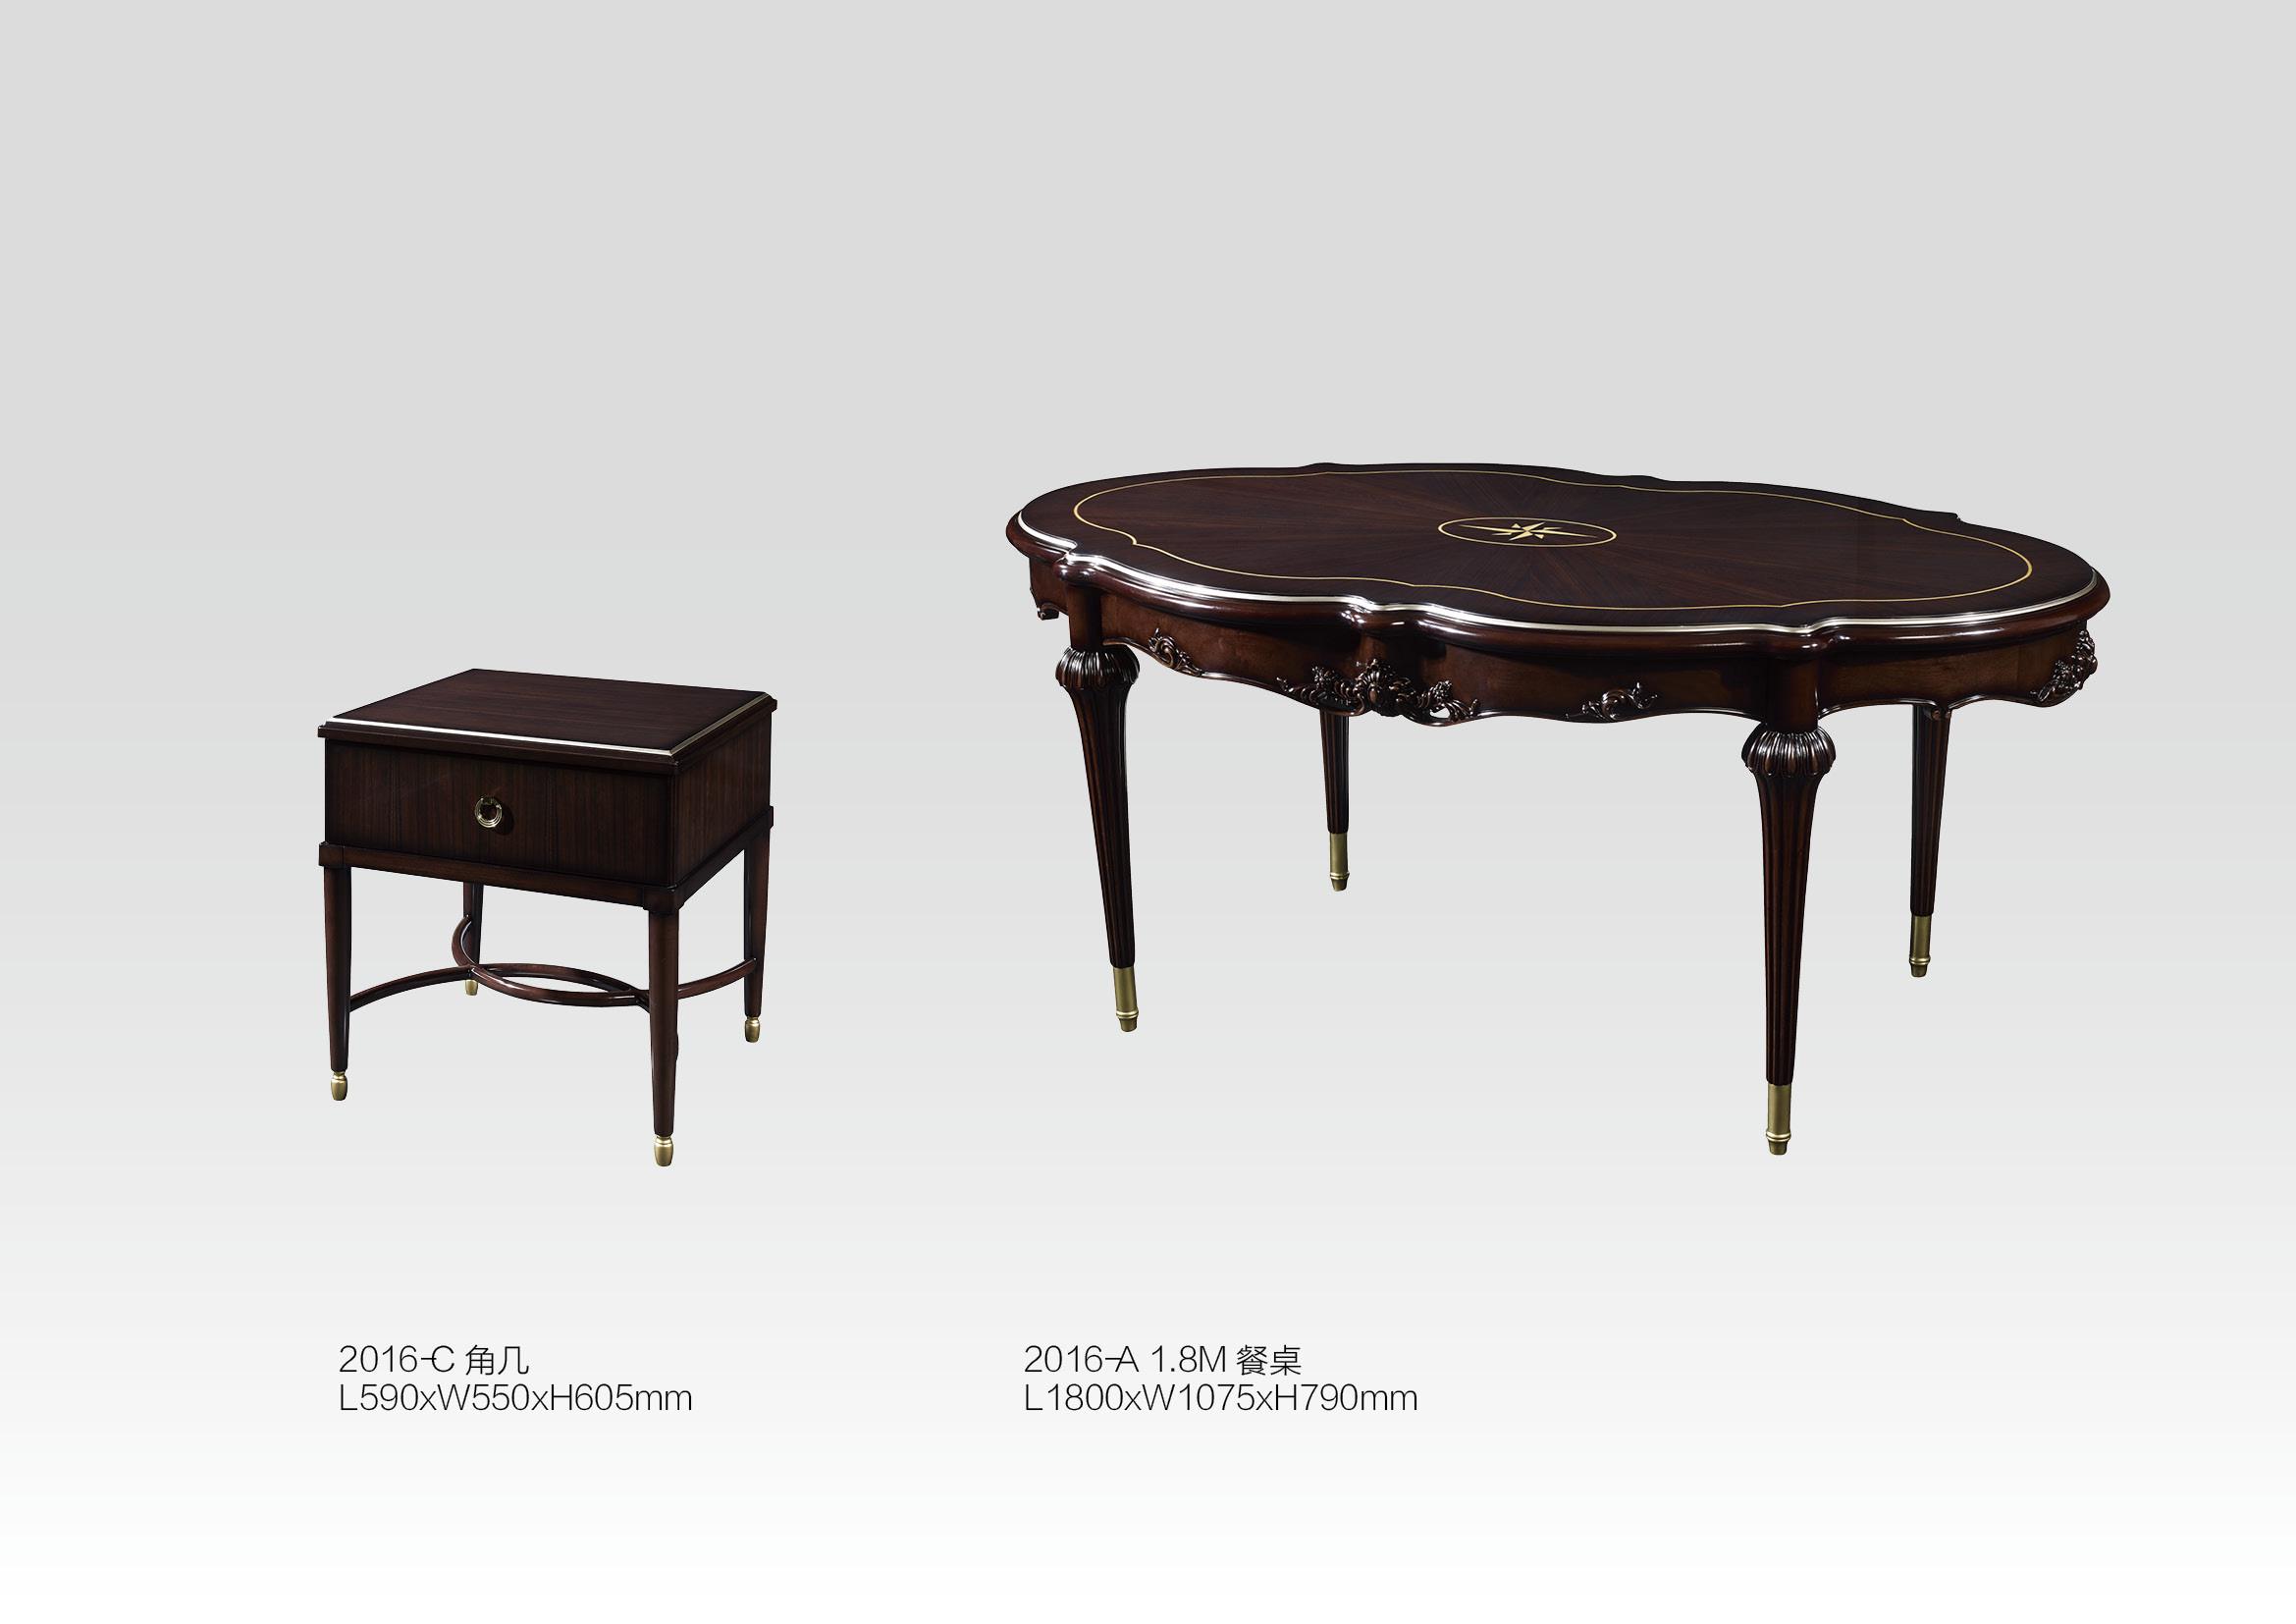 全实木圆桌多功能餐桌折叠伸缩简约实木饭桌椅组合中式